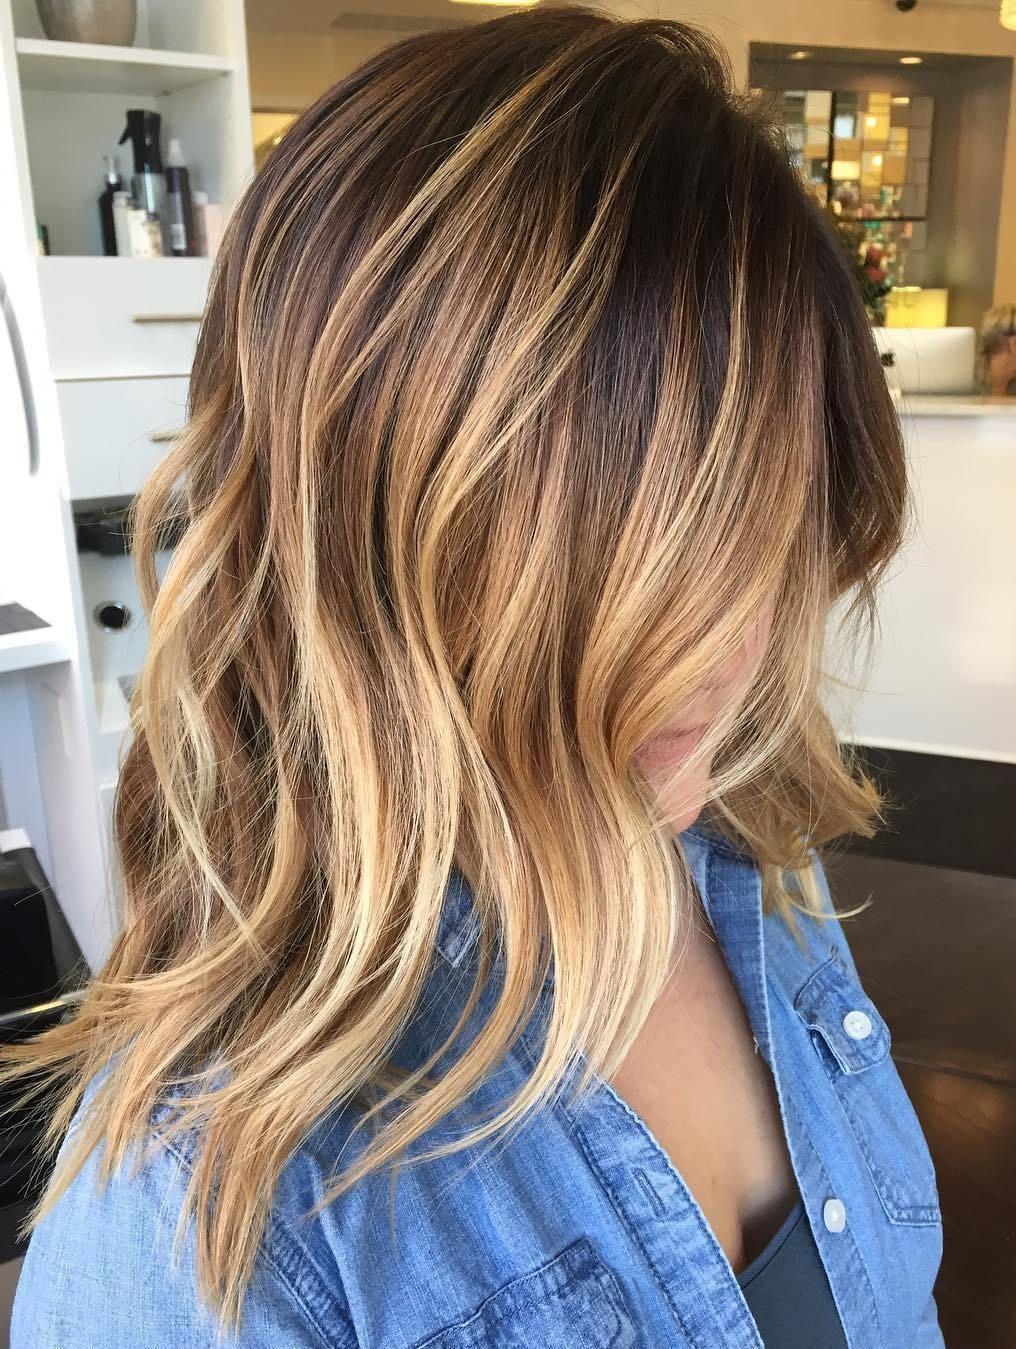 Caramel Balayage Hair Blonde Honey Highlights On Brown